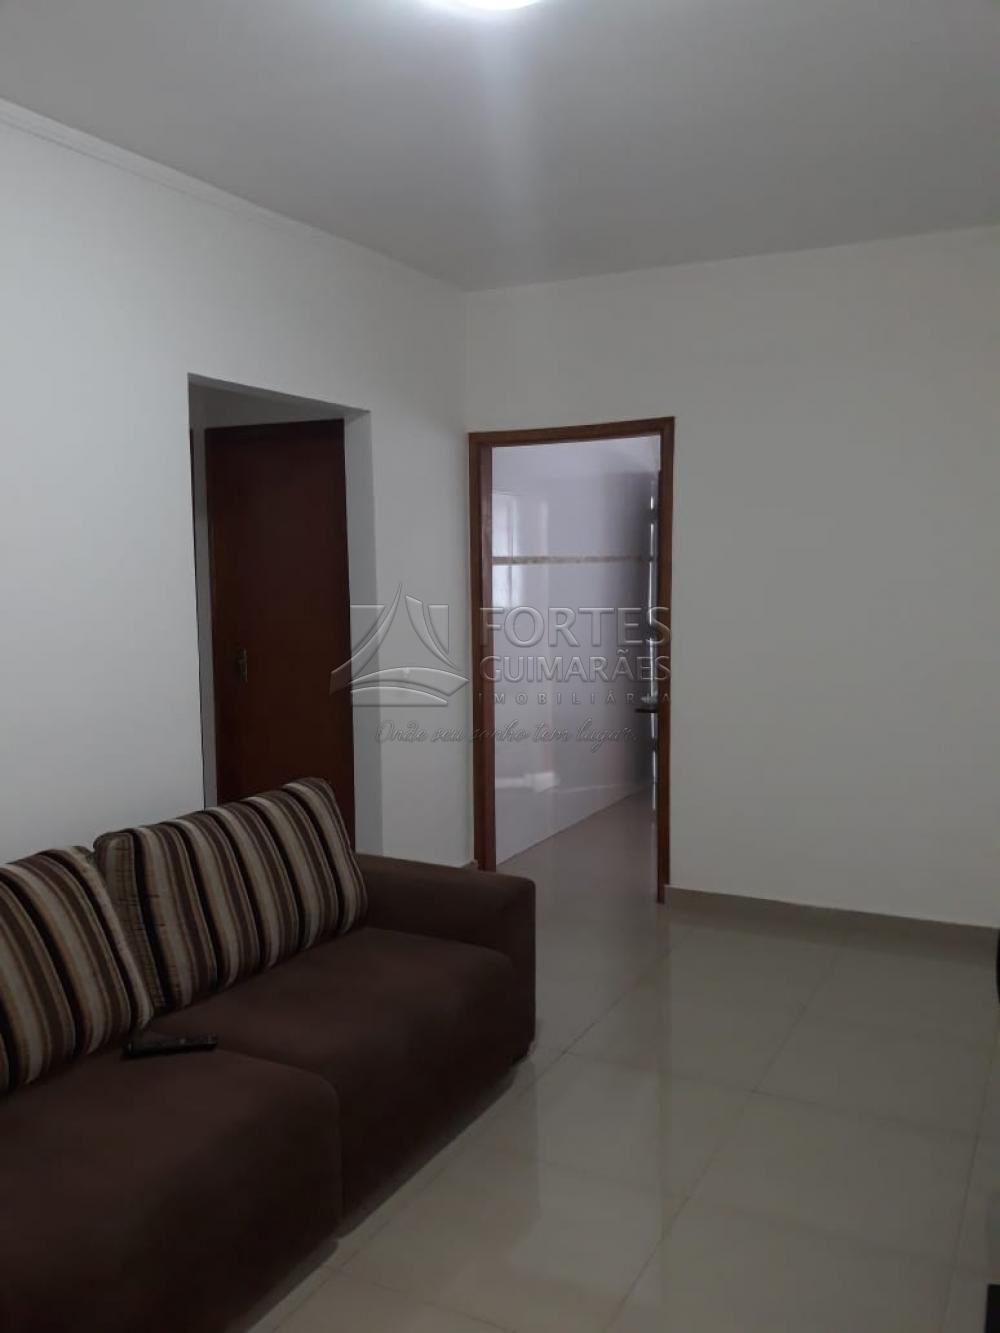 Alugar Casas / Padrão em Ribeirão Preto apenas R$ 1.200,00 - Foto 36